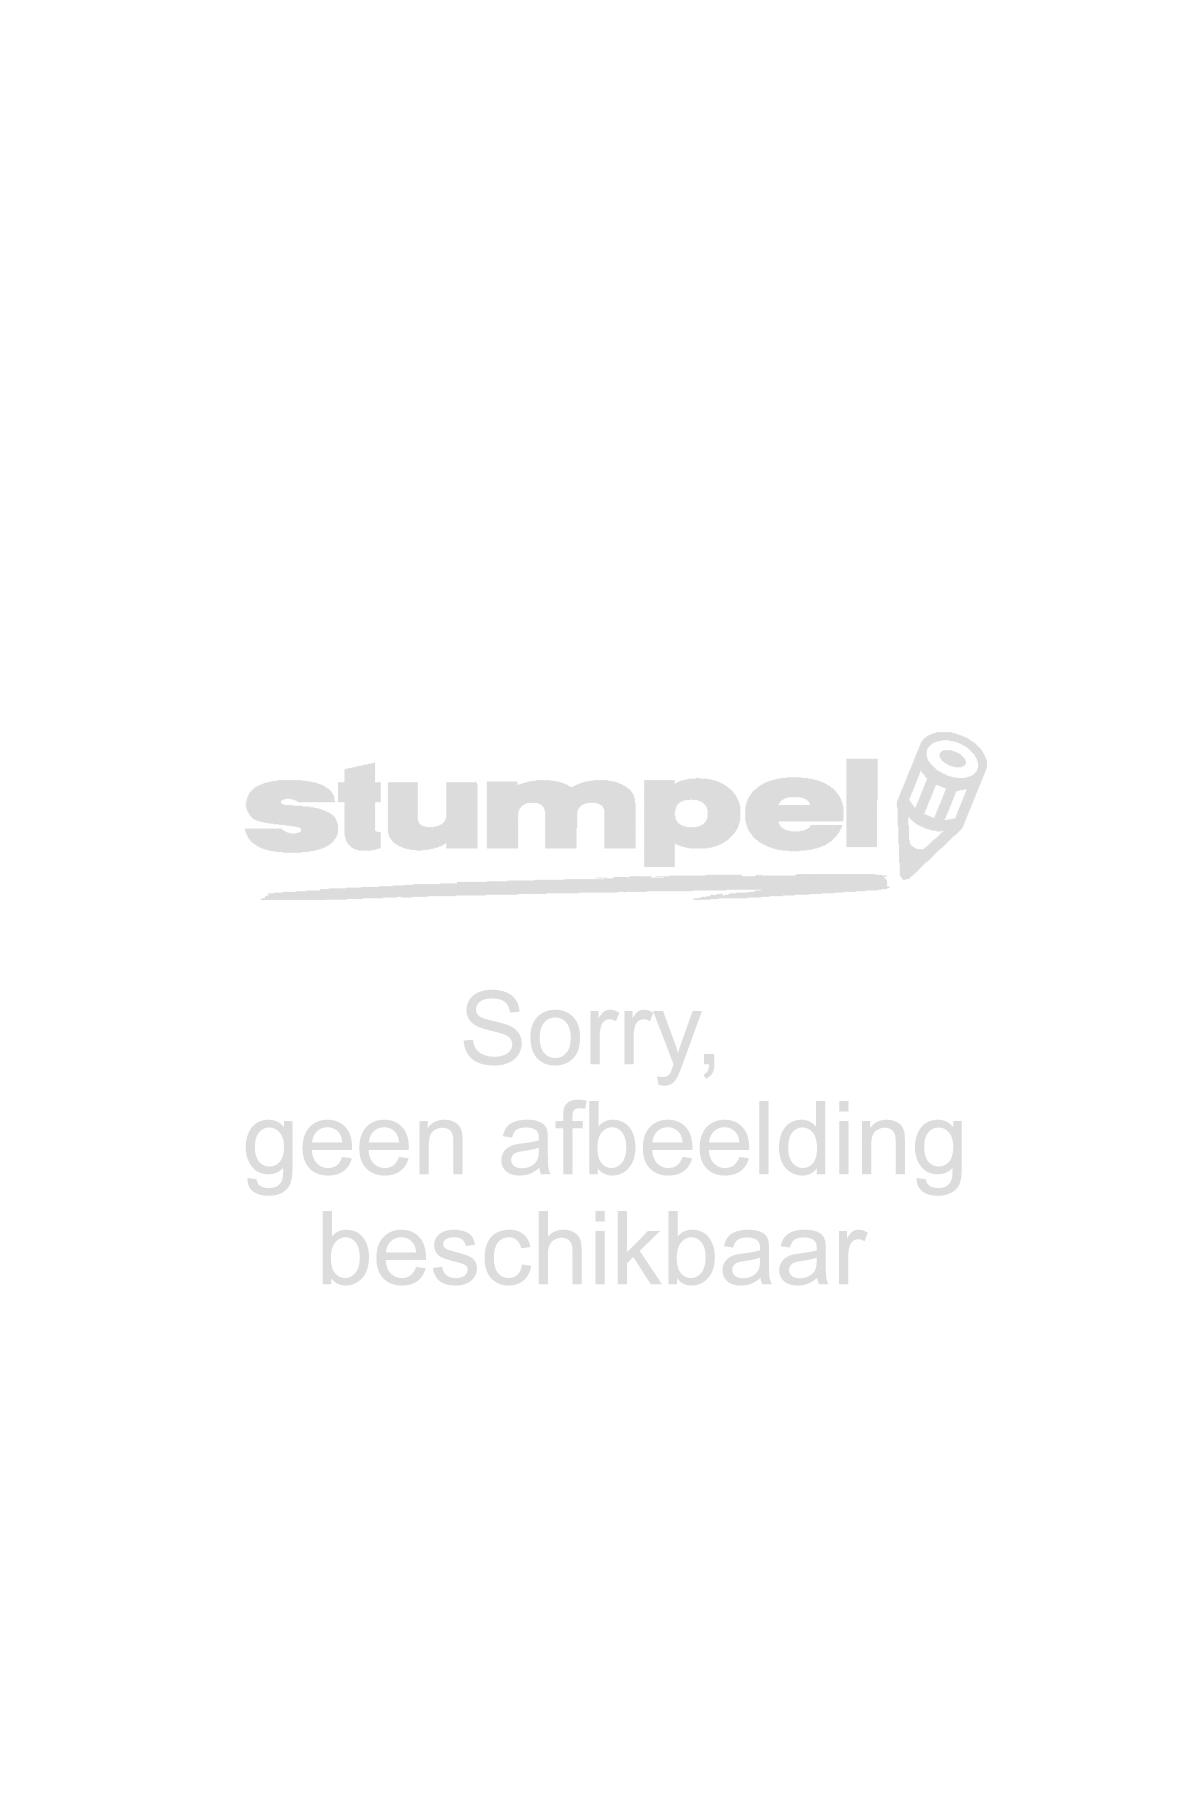 agenda-2021-ryam-memoplan-7-staand-wit-nl-mundior-zwart-11010979